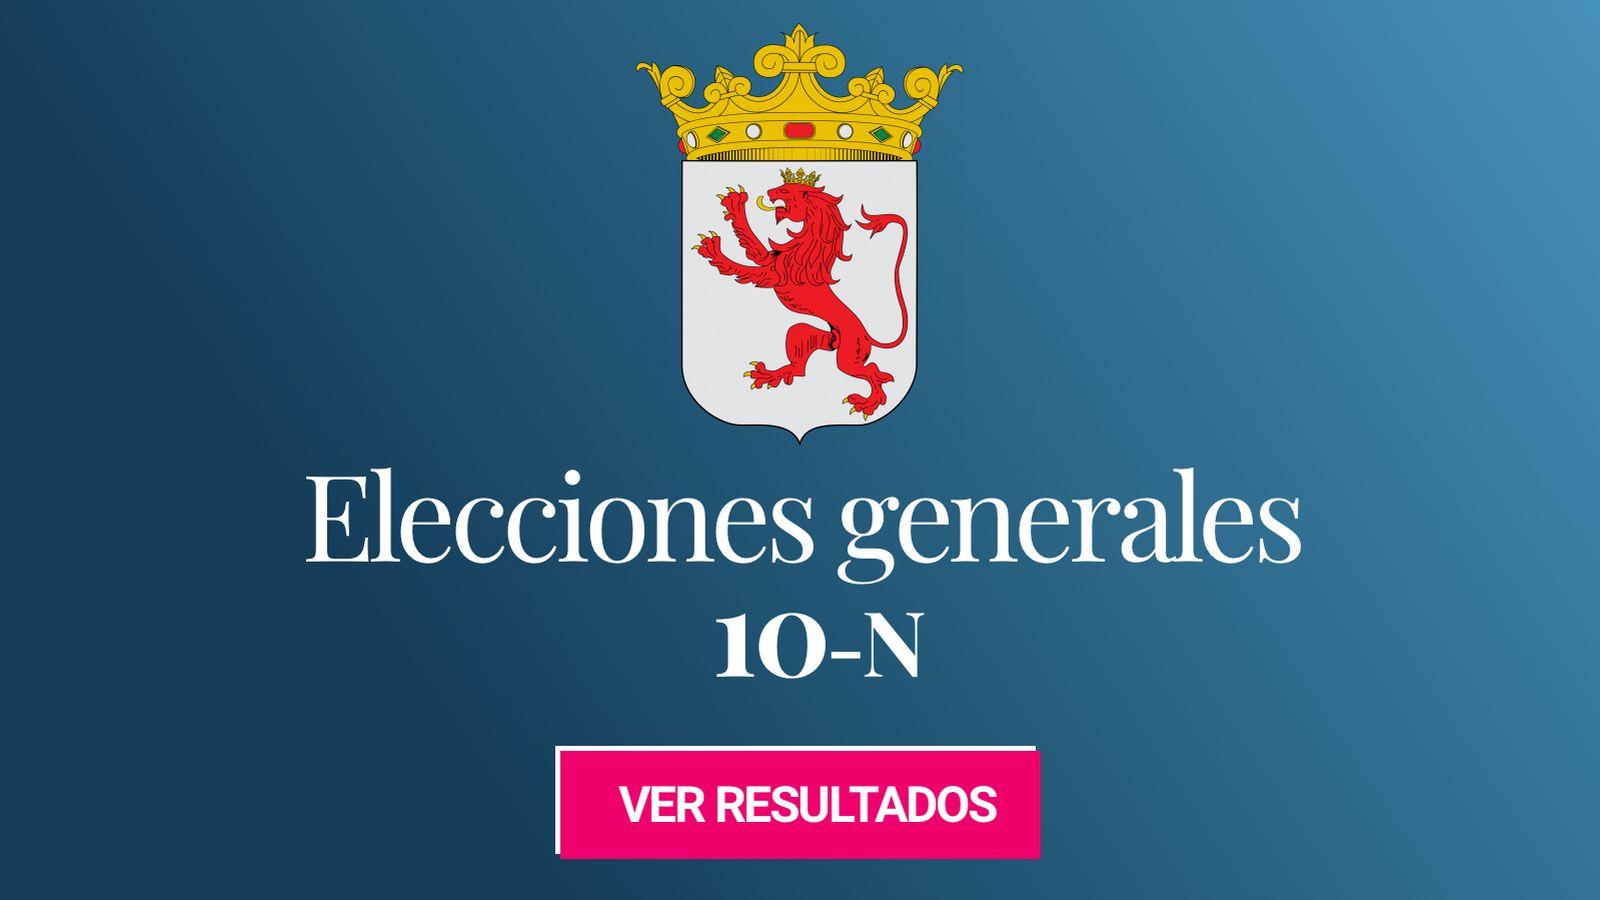 Foto: Elecciones generales 2019 en León. (C.C./EC)